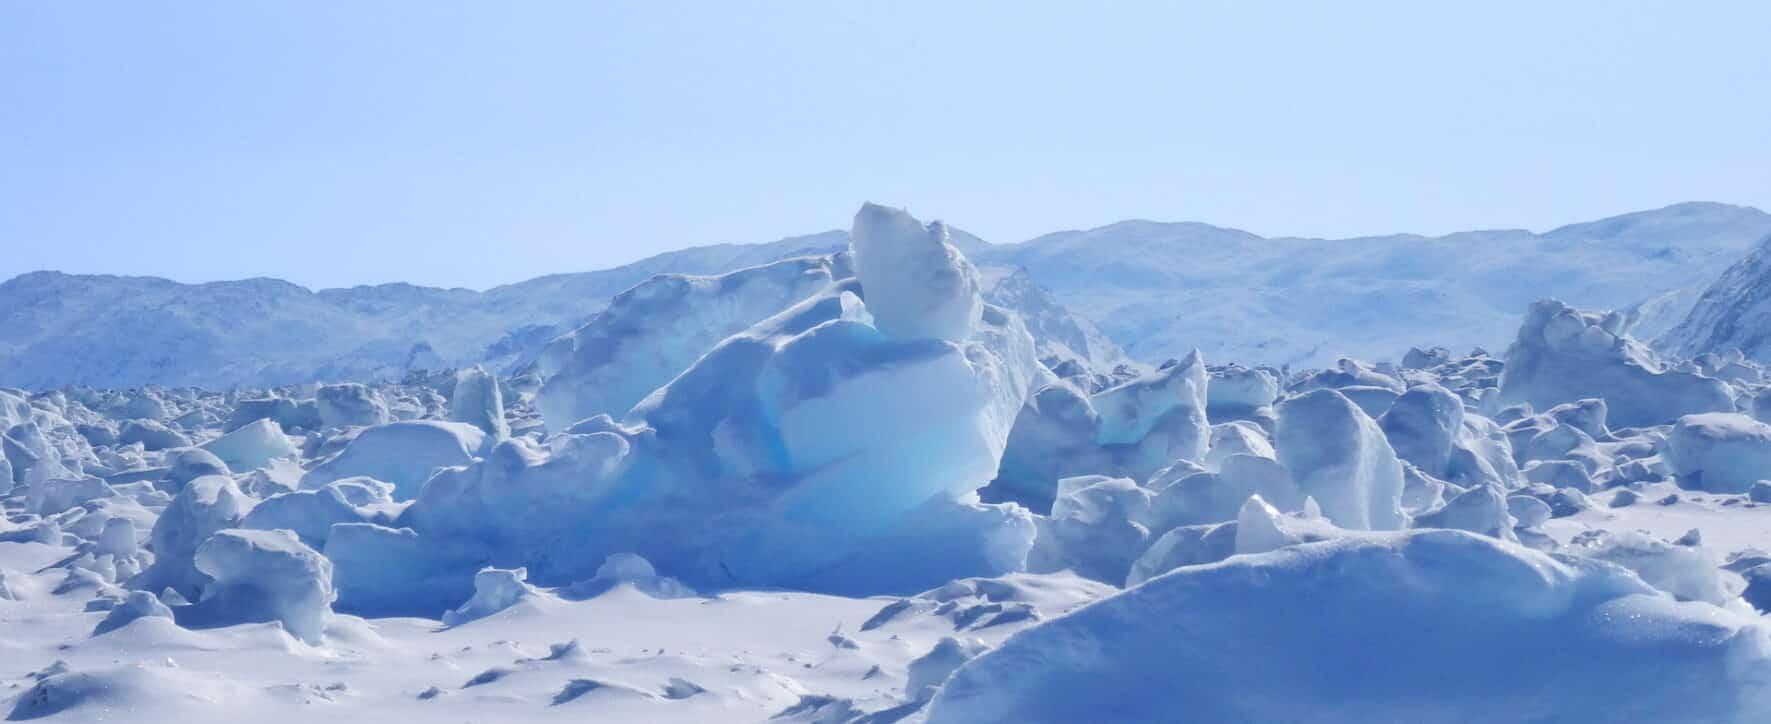 Image de glace sur la banquise